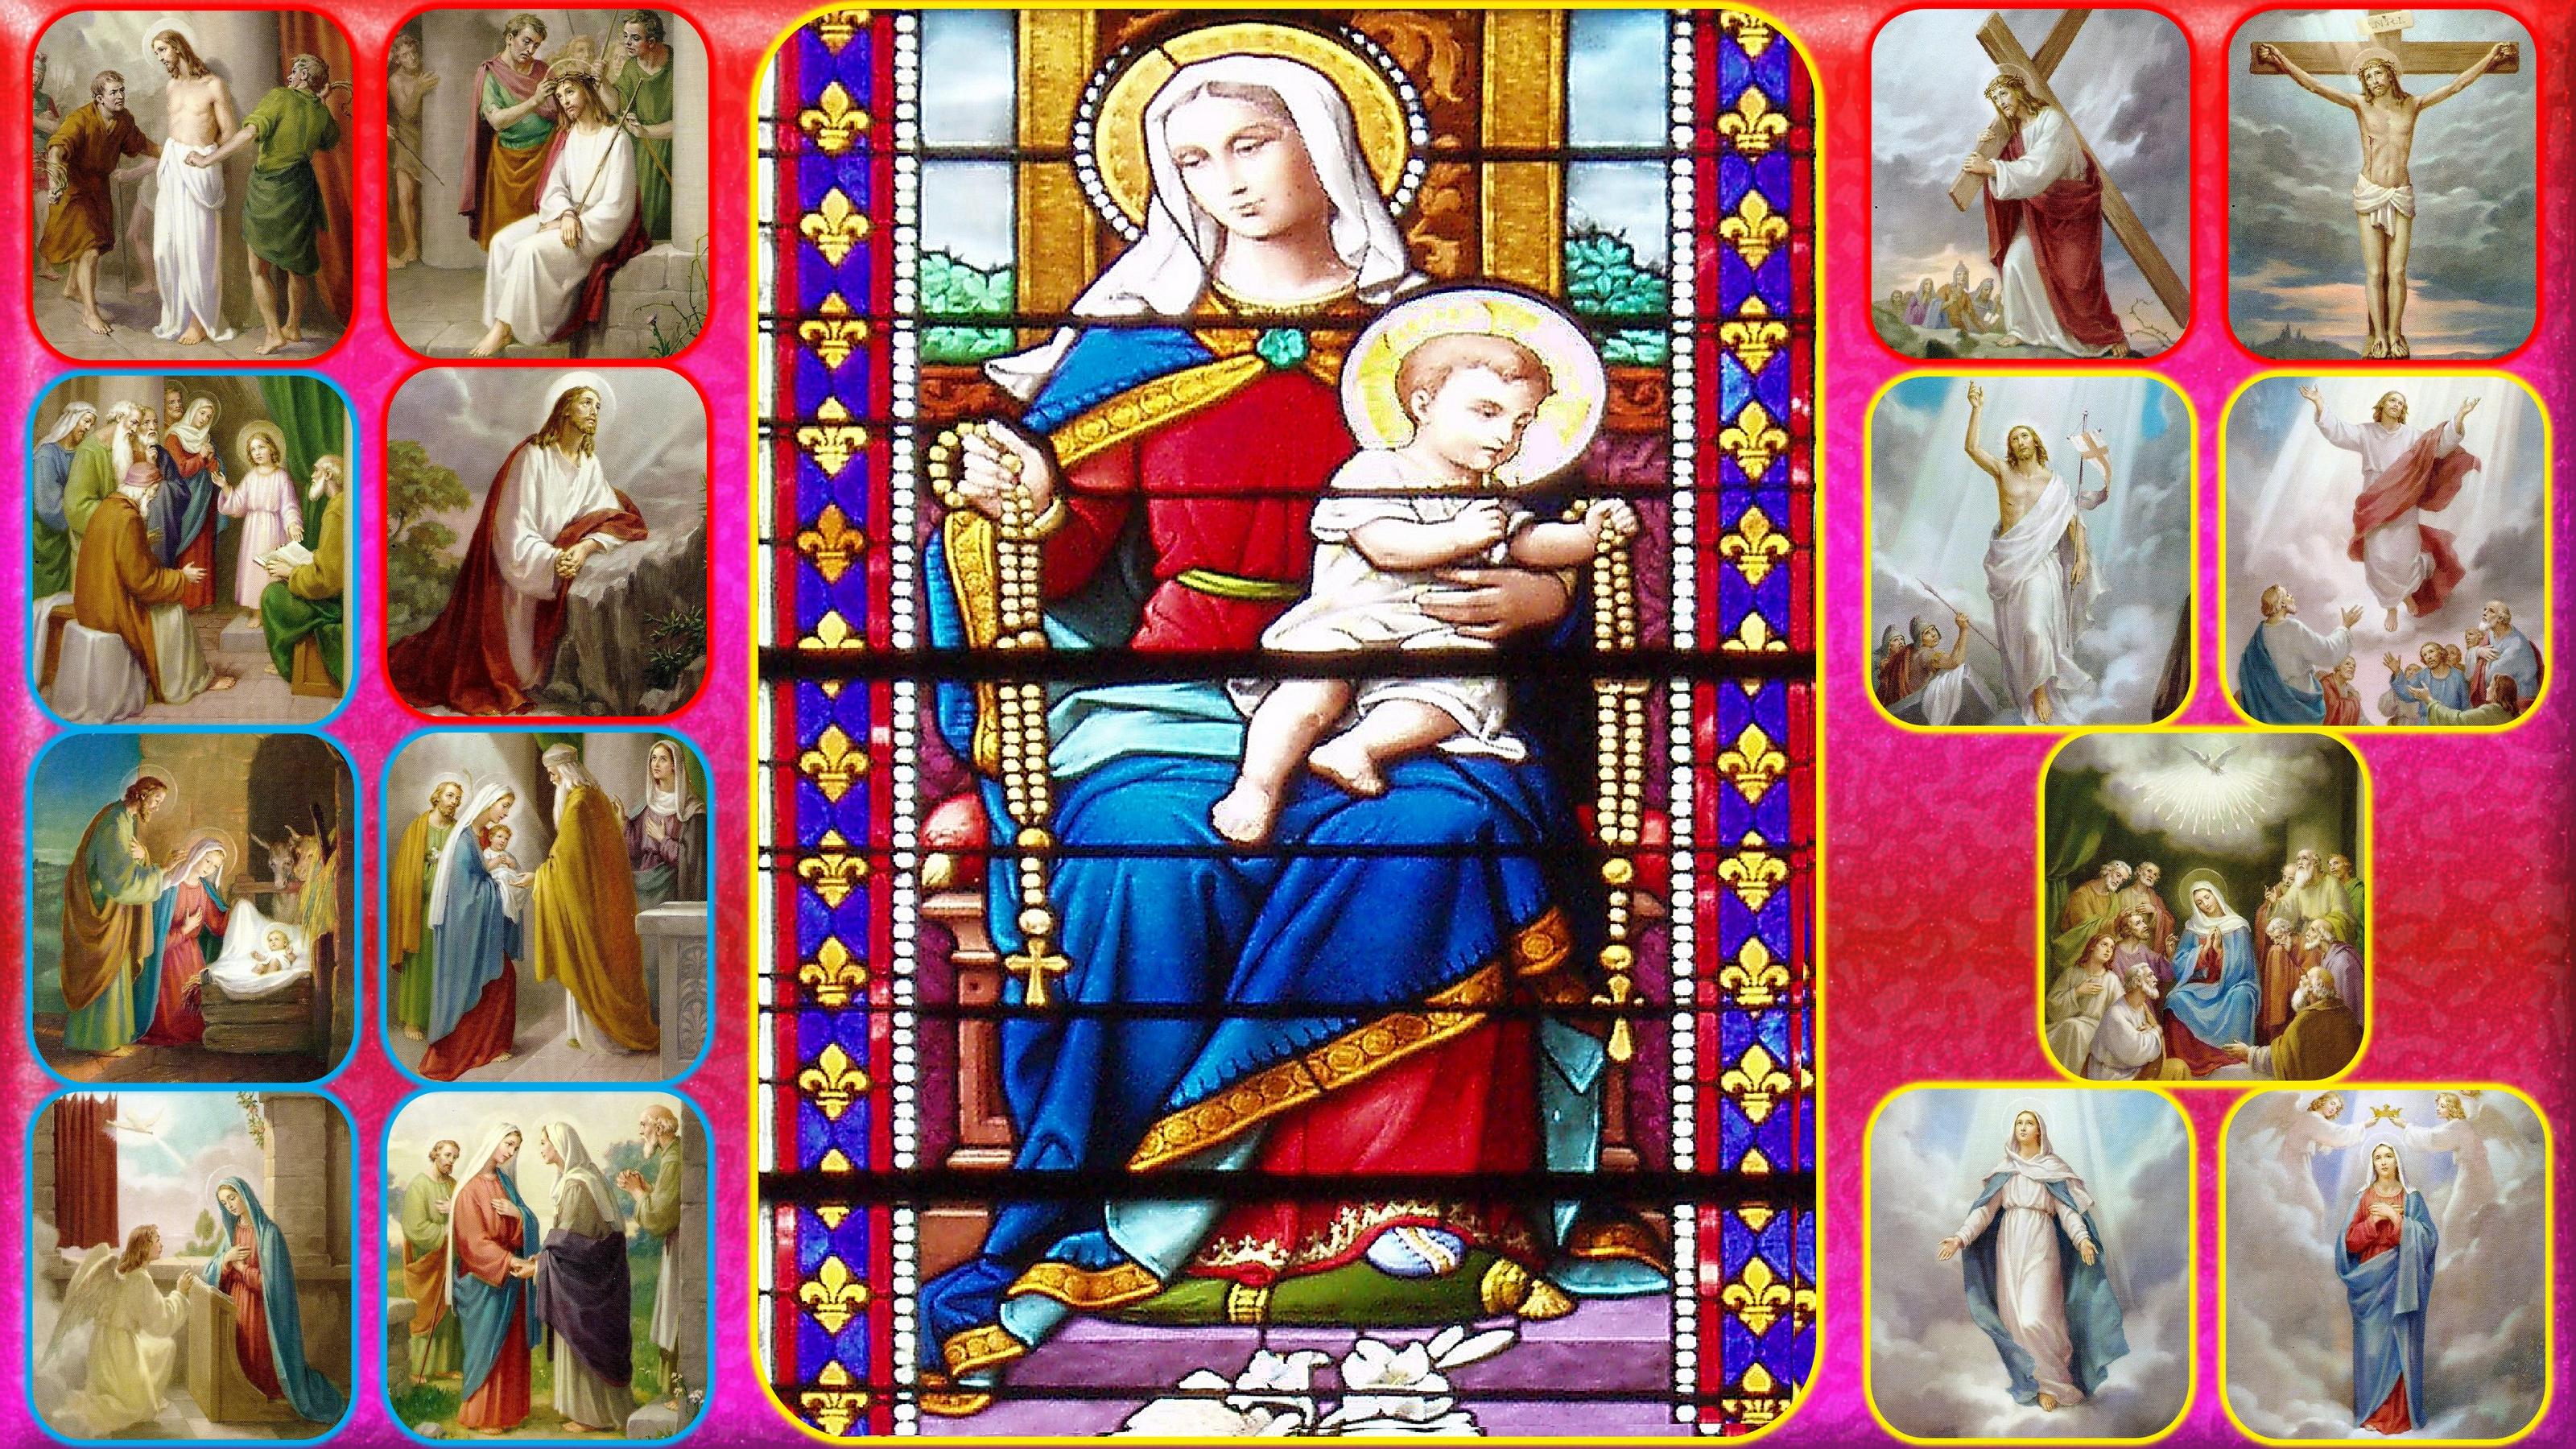 CALENDRIER CATHOLIQUE 2019 (Cantiques, Prières & Images) - Page 13 Notre-dame-les-15...-rosaire-558e99c